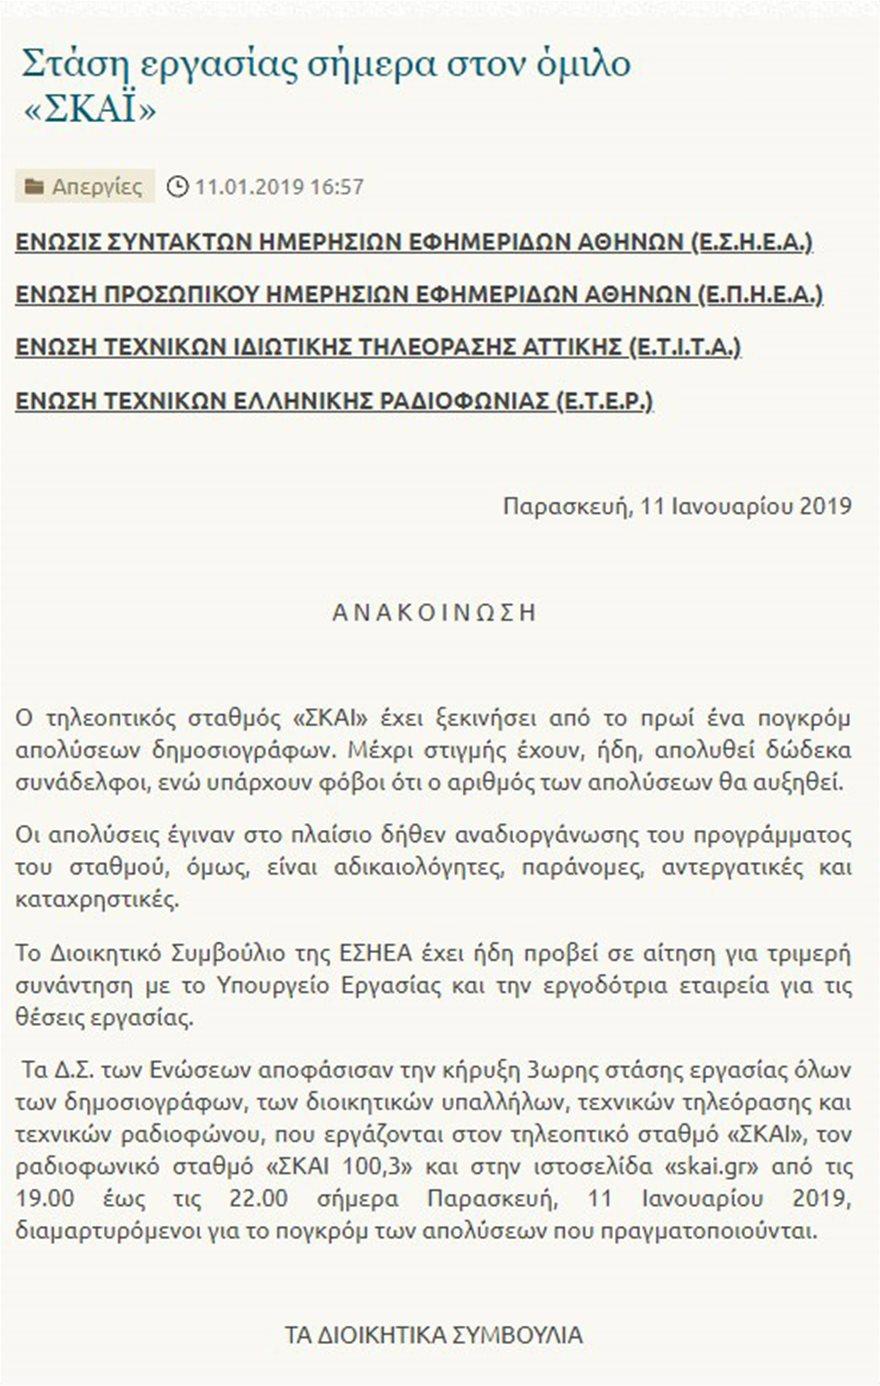 stasi_ergasias_skai